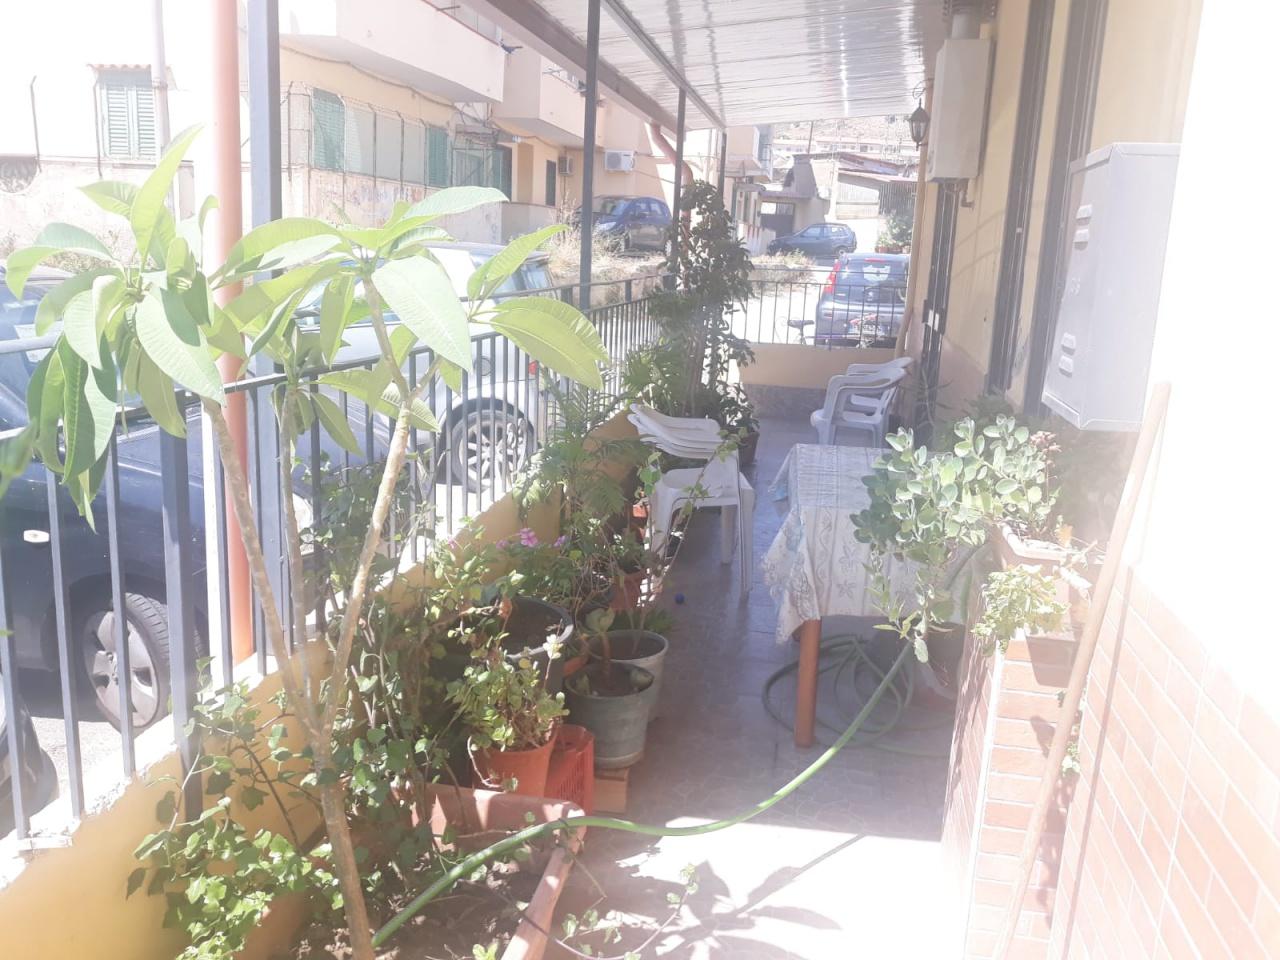 vendita appartamento messina gazzi rosso da Messina  75000 euro  3 locali  80 mq